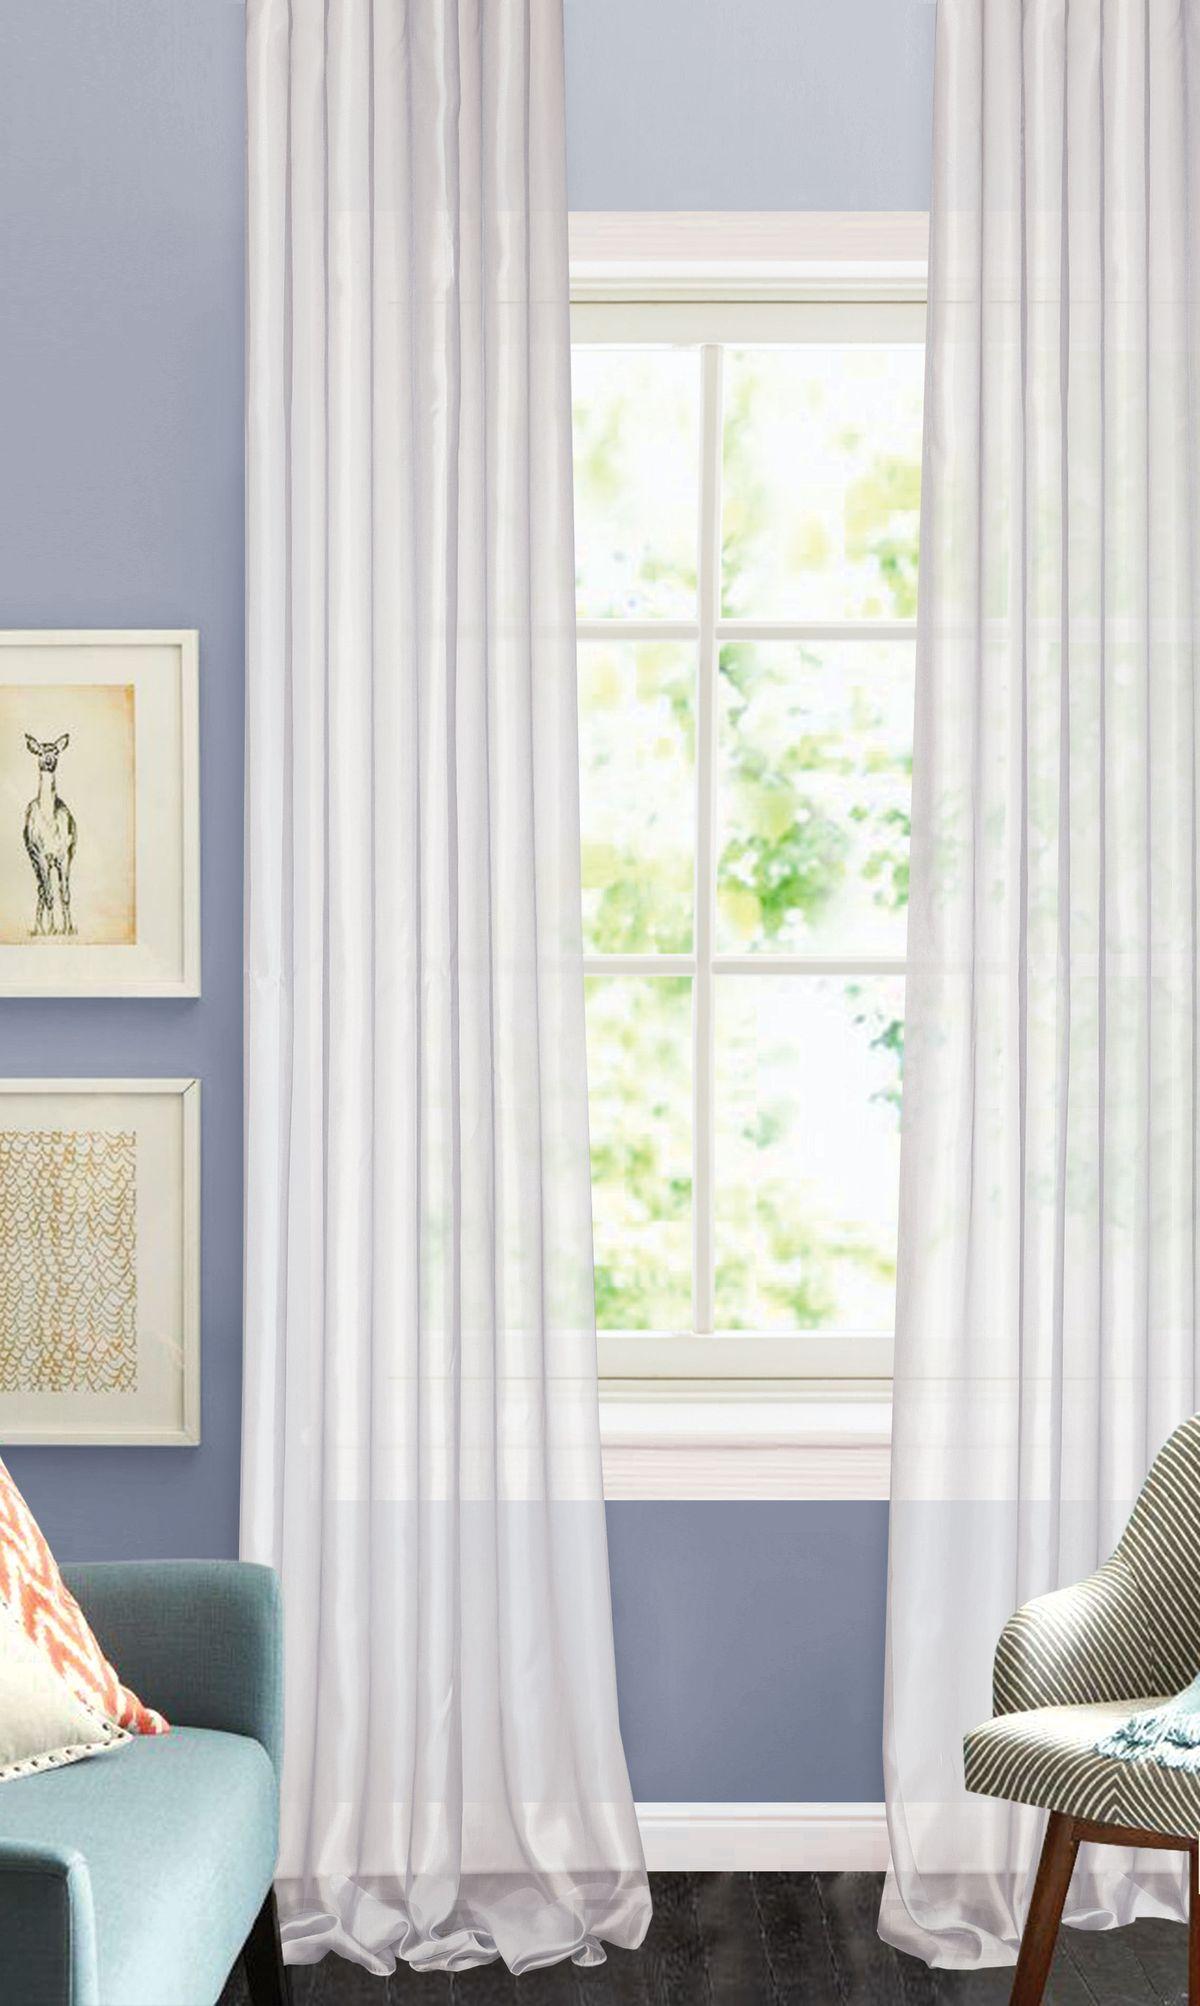 Штора готовая Garden, на ленте, цвет: бледно-сиреневый, 450 х 270 см. С W875 450х270 V30С W875 450х270 V30Изящная штора для гостиной Garden выполнена из легкой ткани с оригинальной структурой. Приятная текстура и цвет штор привлекут к себе внимание и органично впишутся в интерьер помещения. Штора крепится на карниз при помощи ленты, которая поможет красиво и равномерно задрапировать верх.